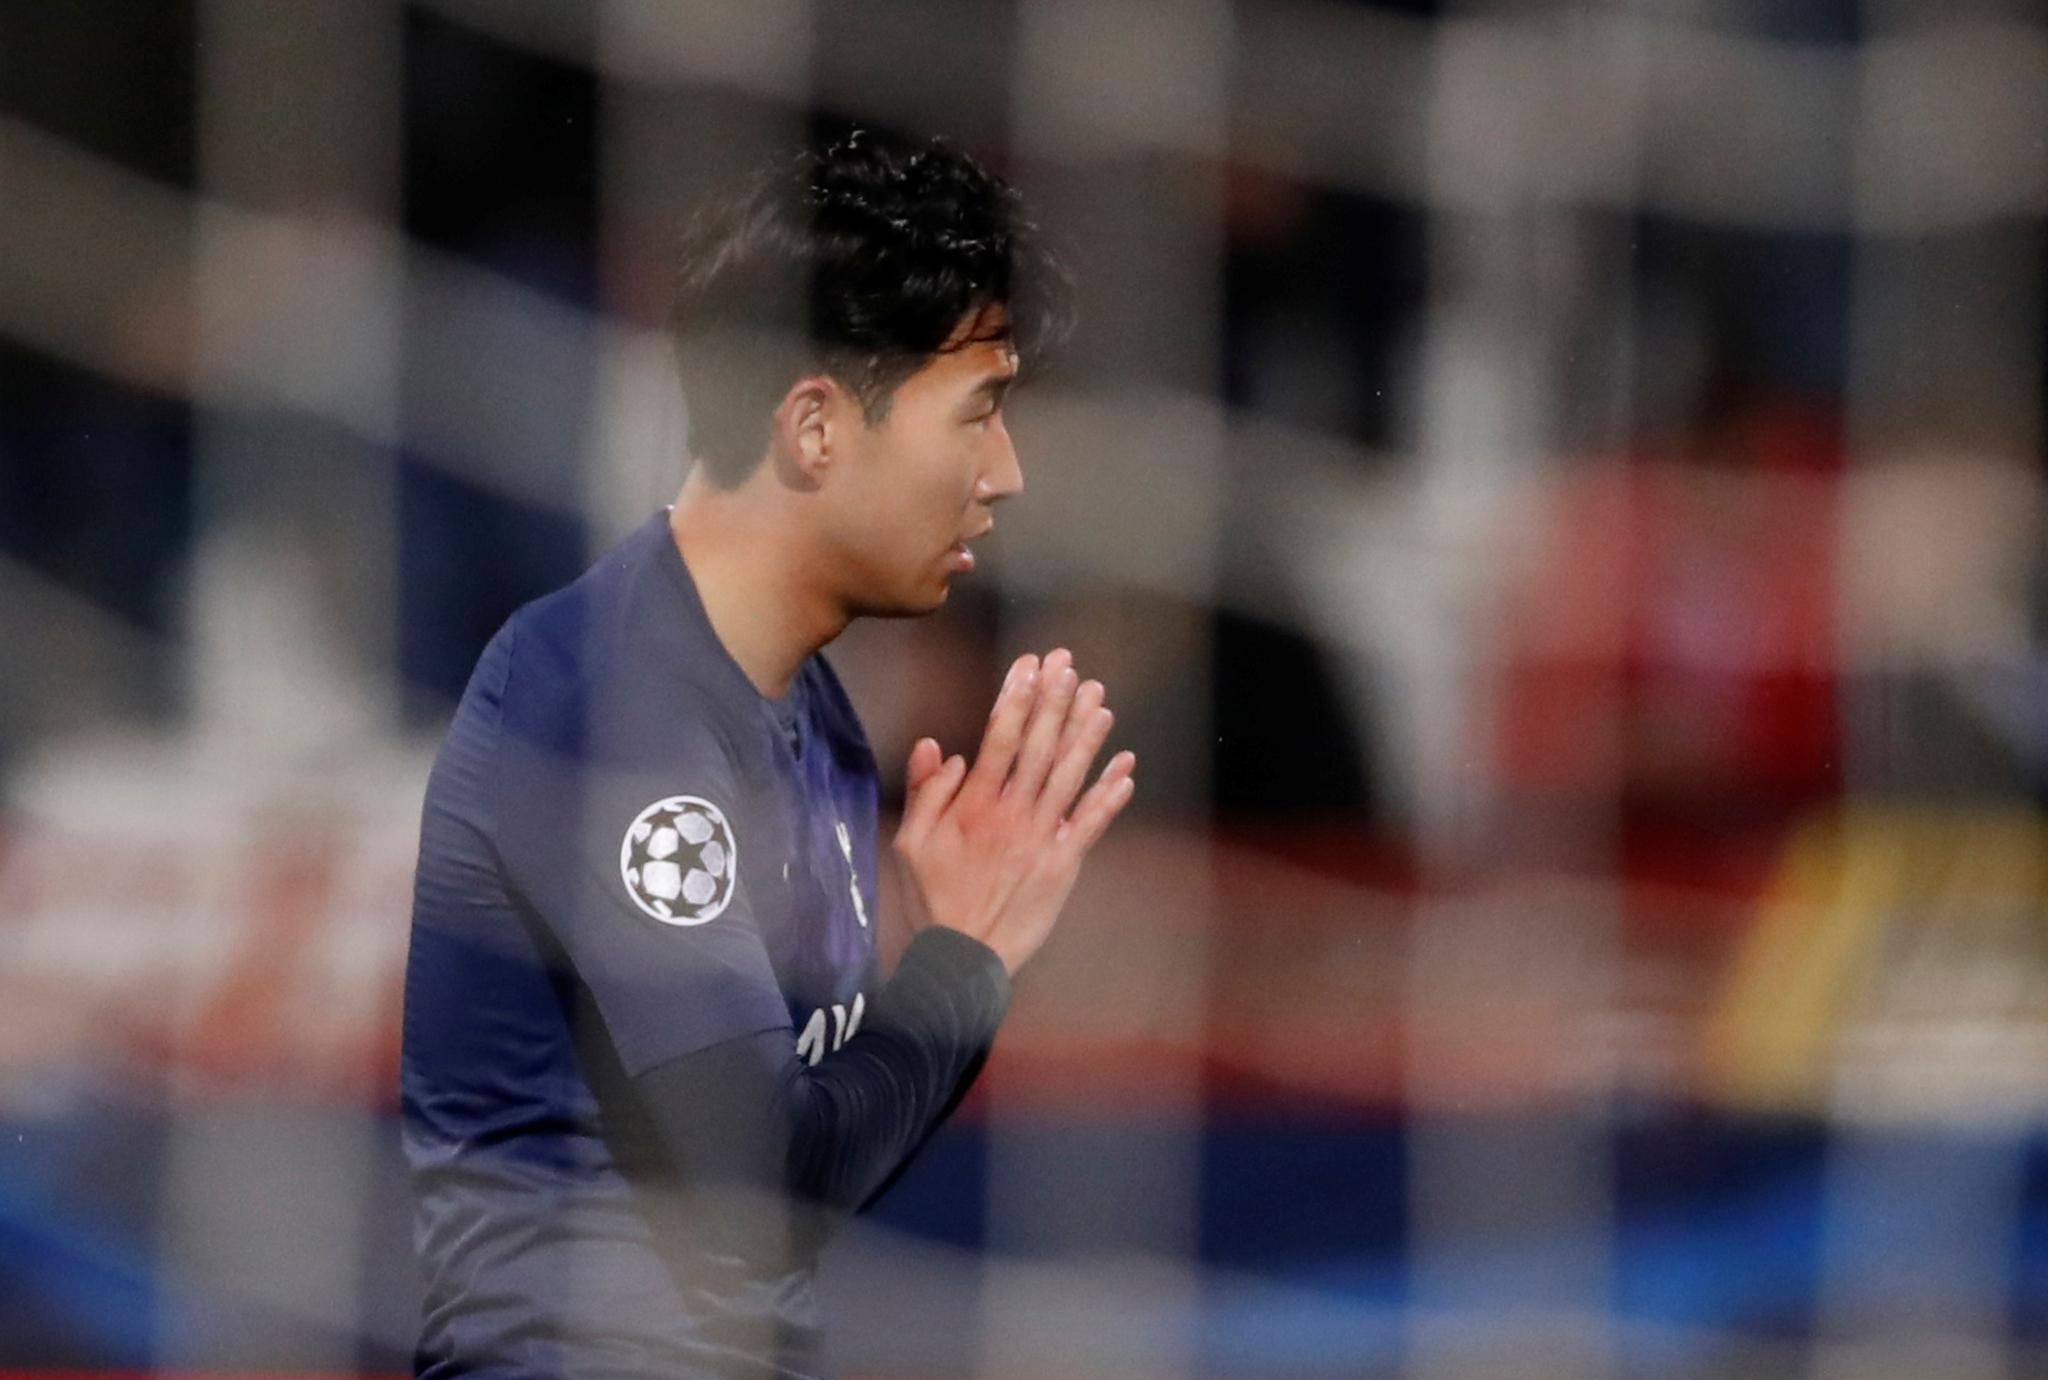 유럽 챔피언스리그에서 골을 터트린 손흥민이 기도 세리머니를 펼치고 있다. 부상당한 고메스의 쾌유를 비는 세리머니다. [로이터=연합뉴스]